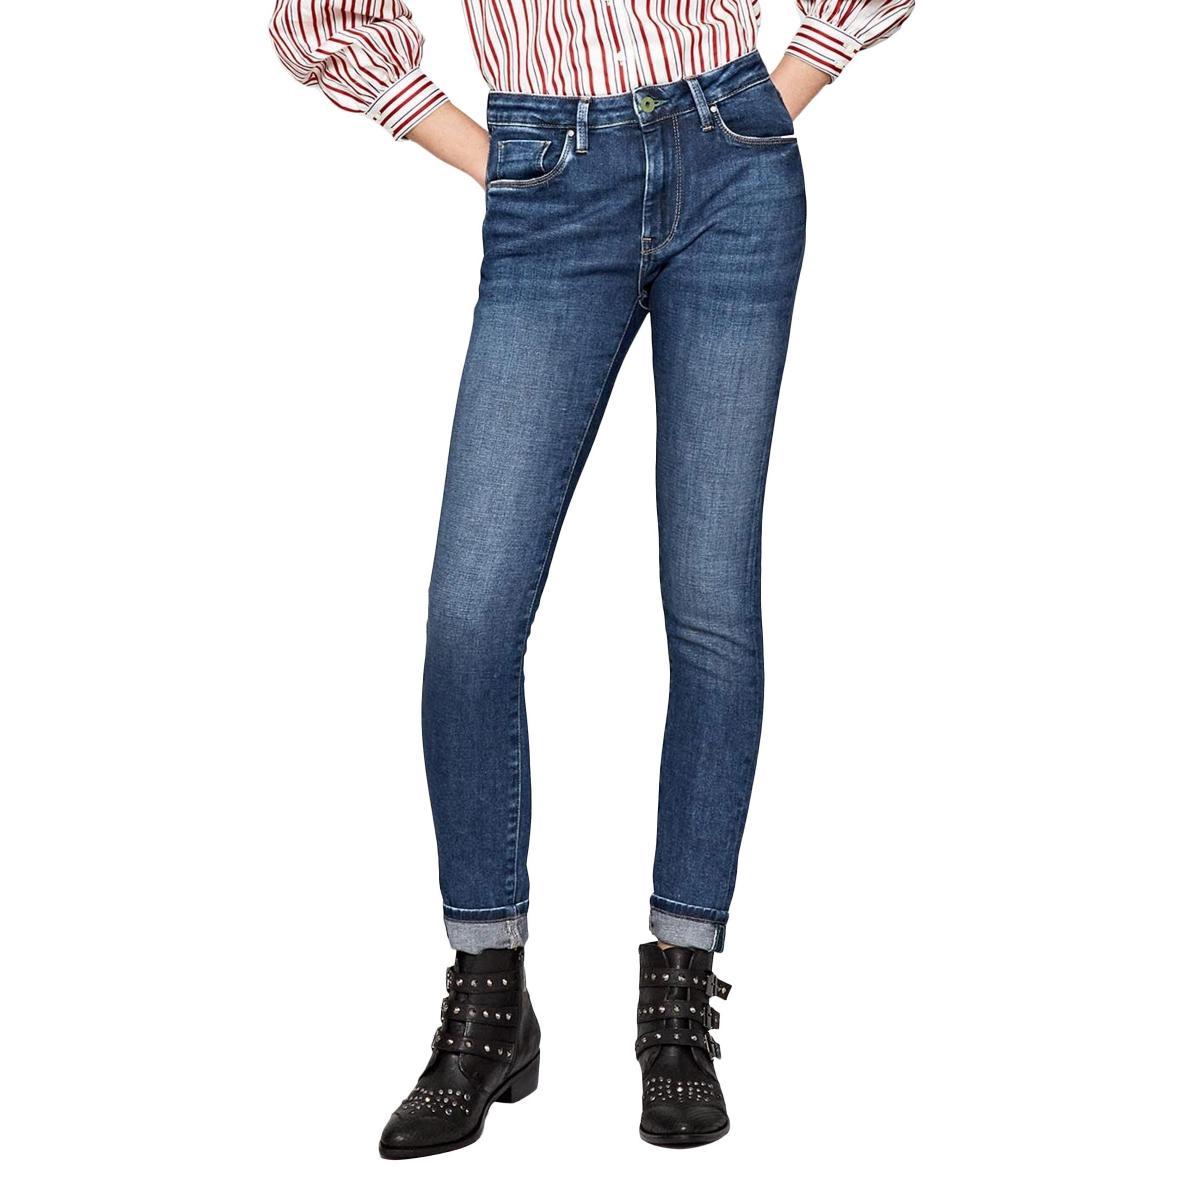 Jeans Pepe Jeans Regent skinny fit da donna rif. PL200398WT30 REGENT